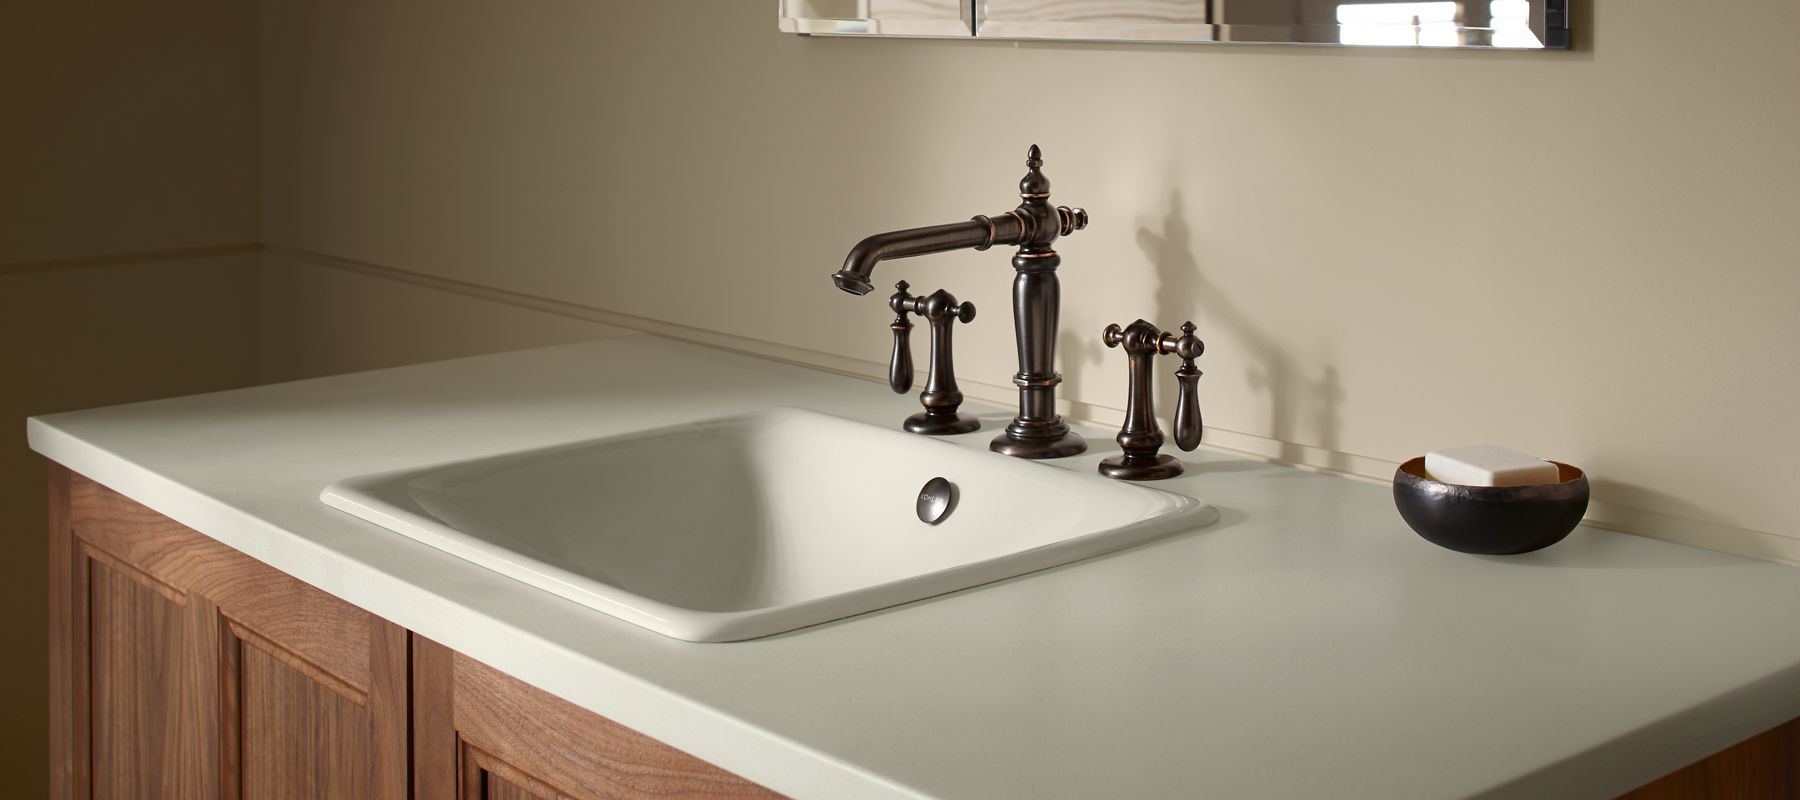 Countertop surfaces Bathroom countertops colorado springs